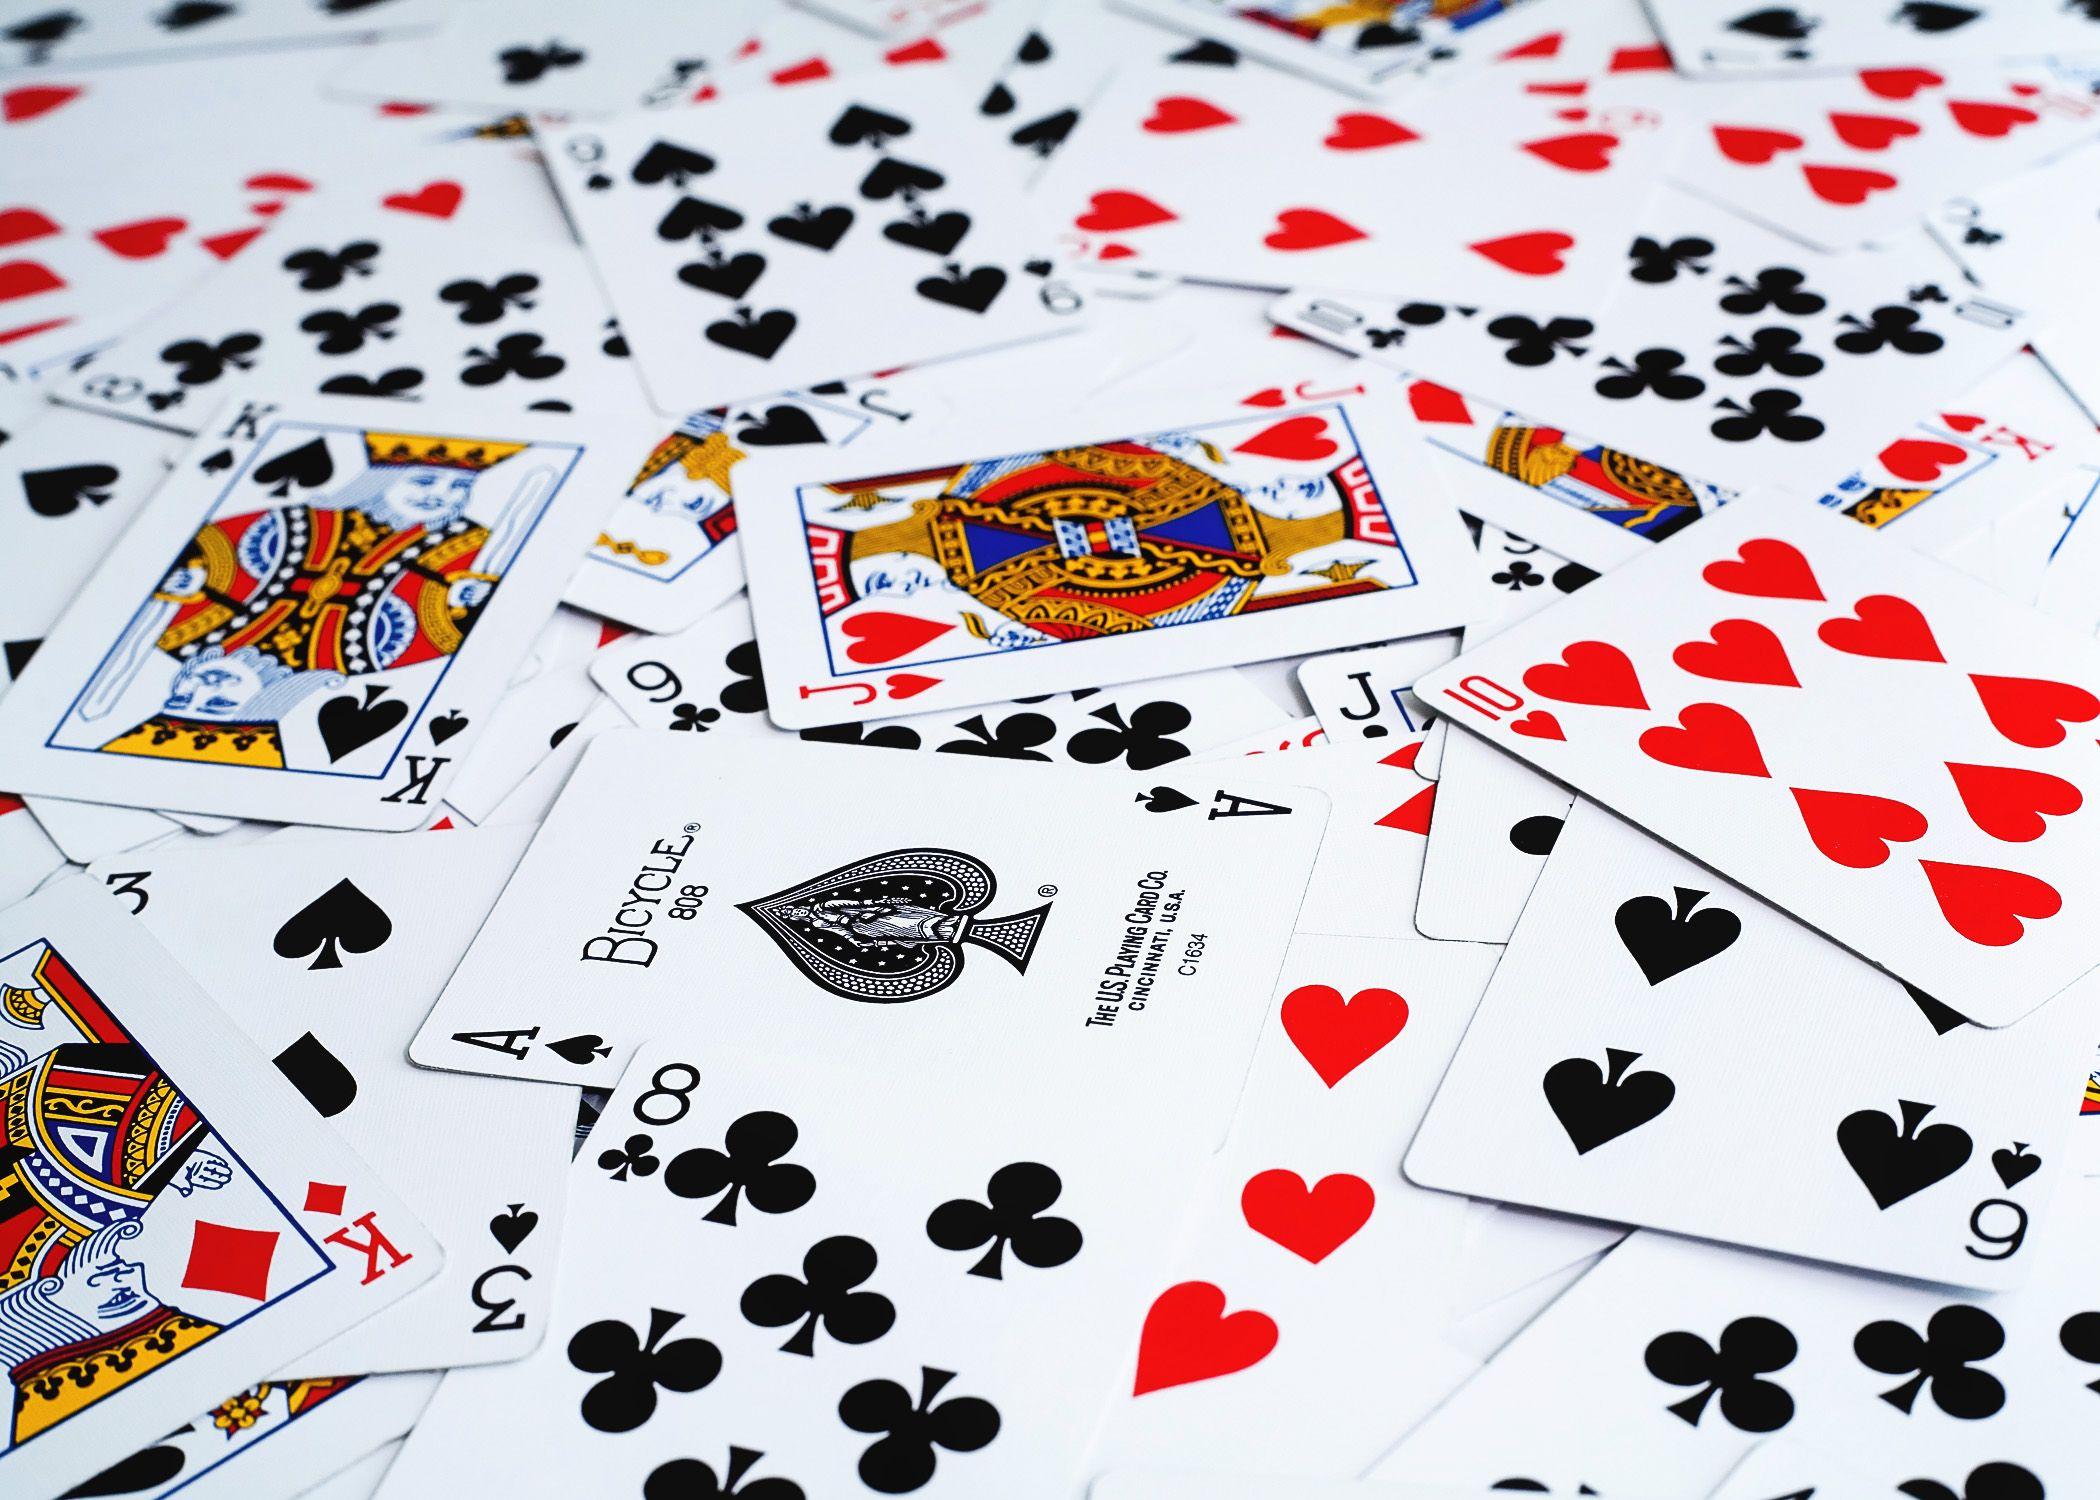 Самая легкая игра в казино казино самоубийство